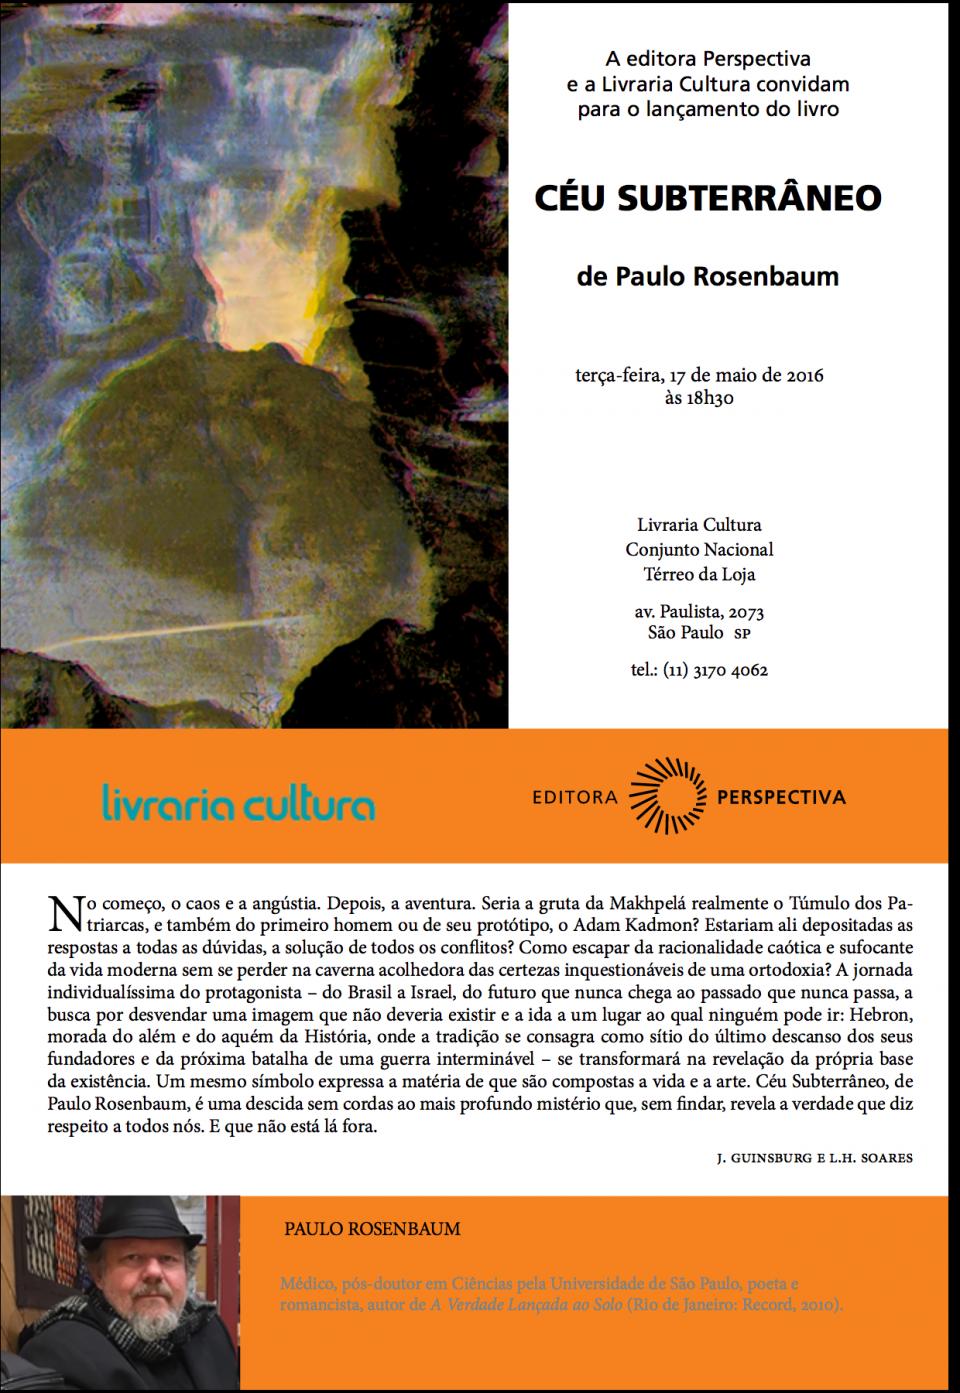 Paulo Rosenbaum